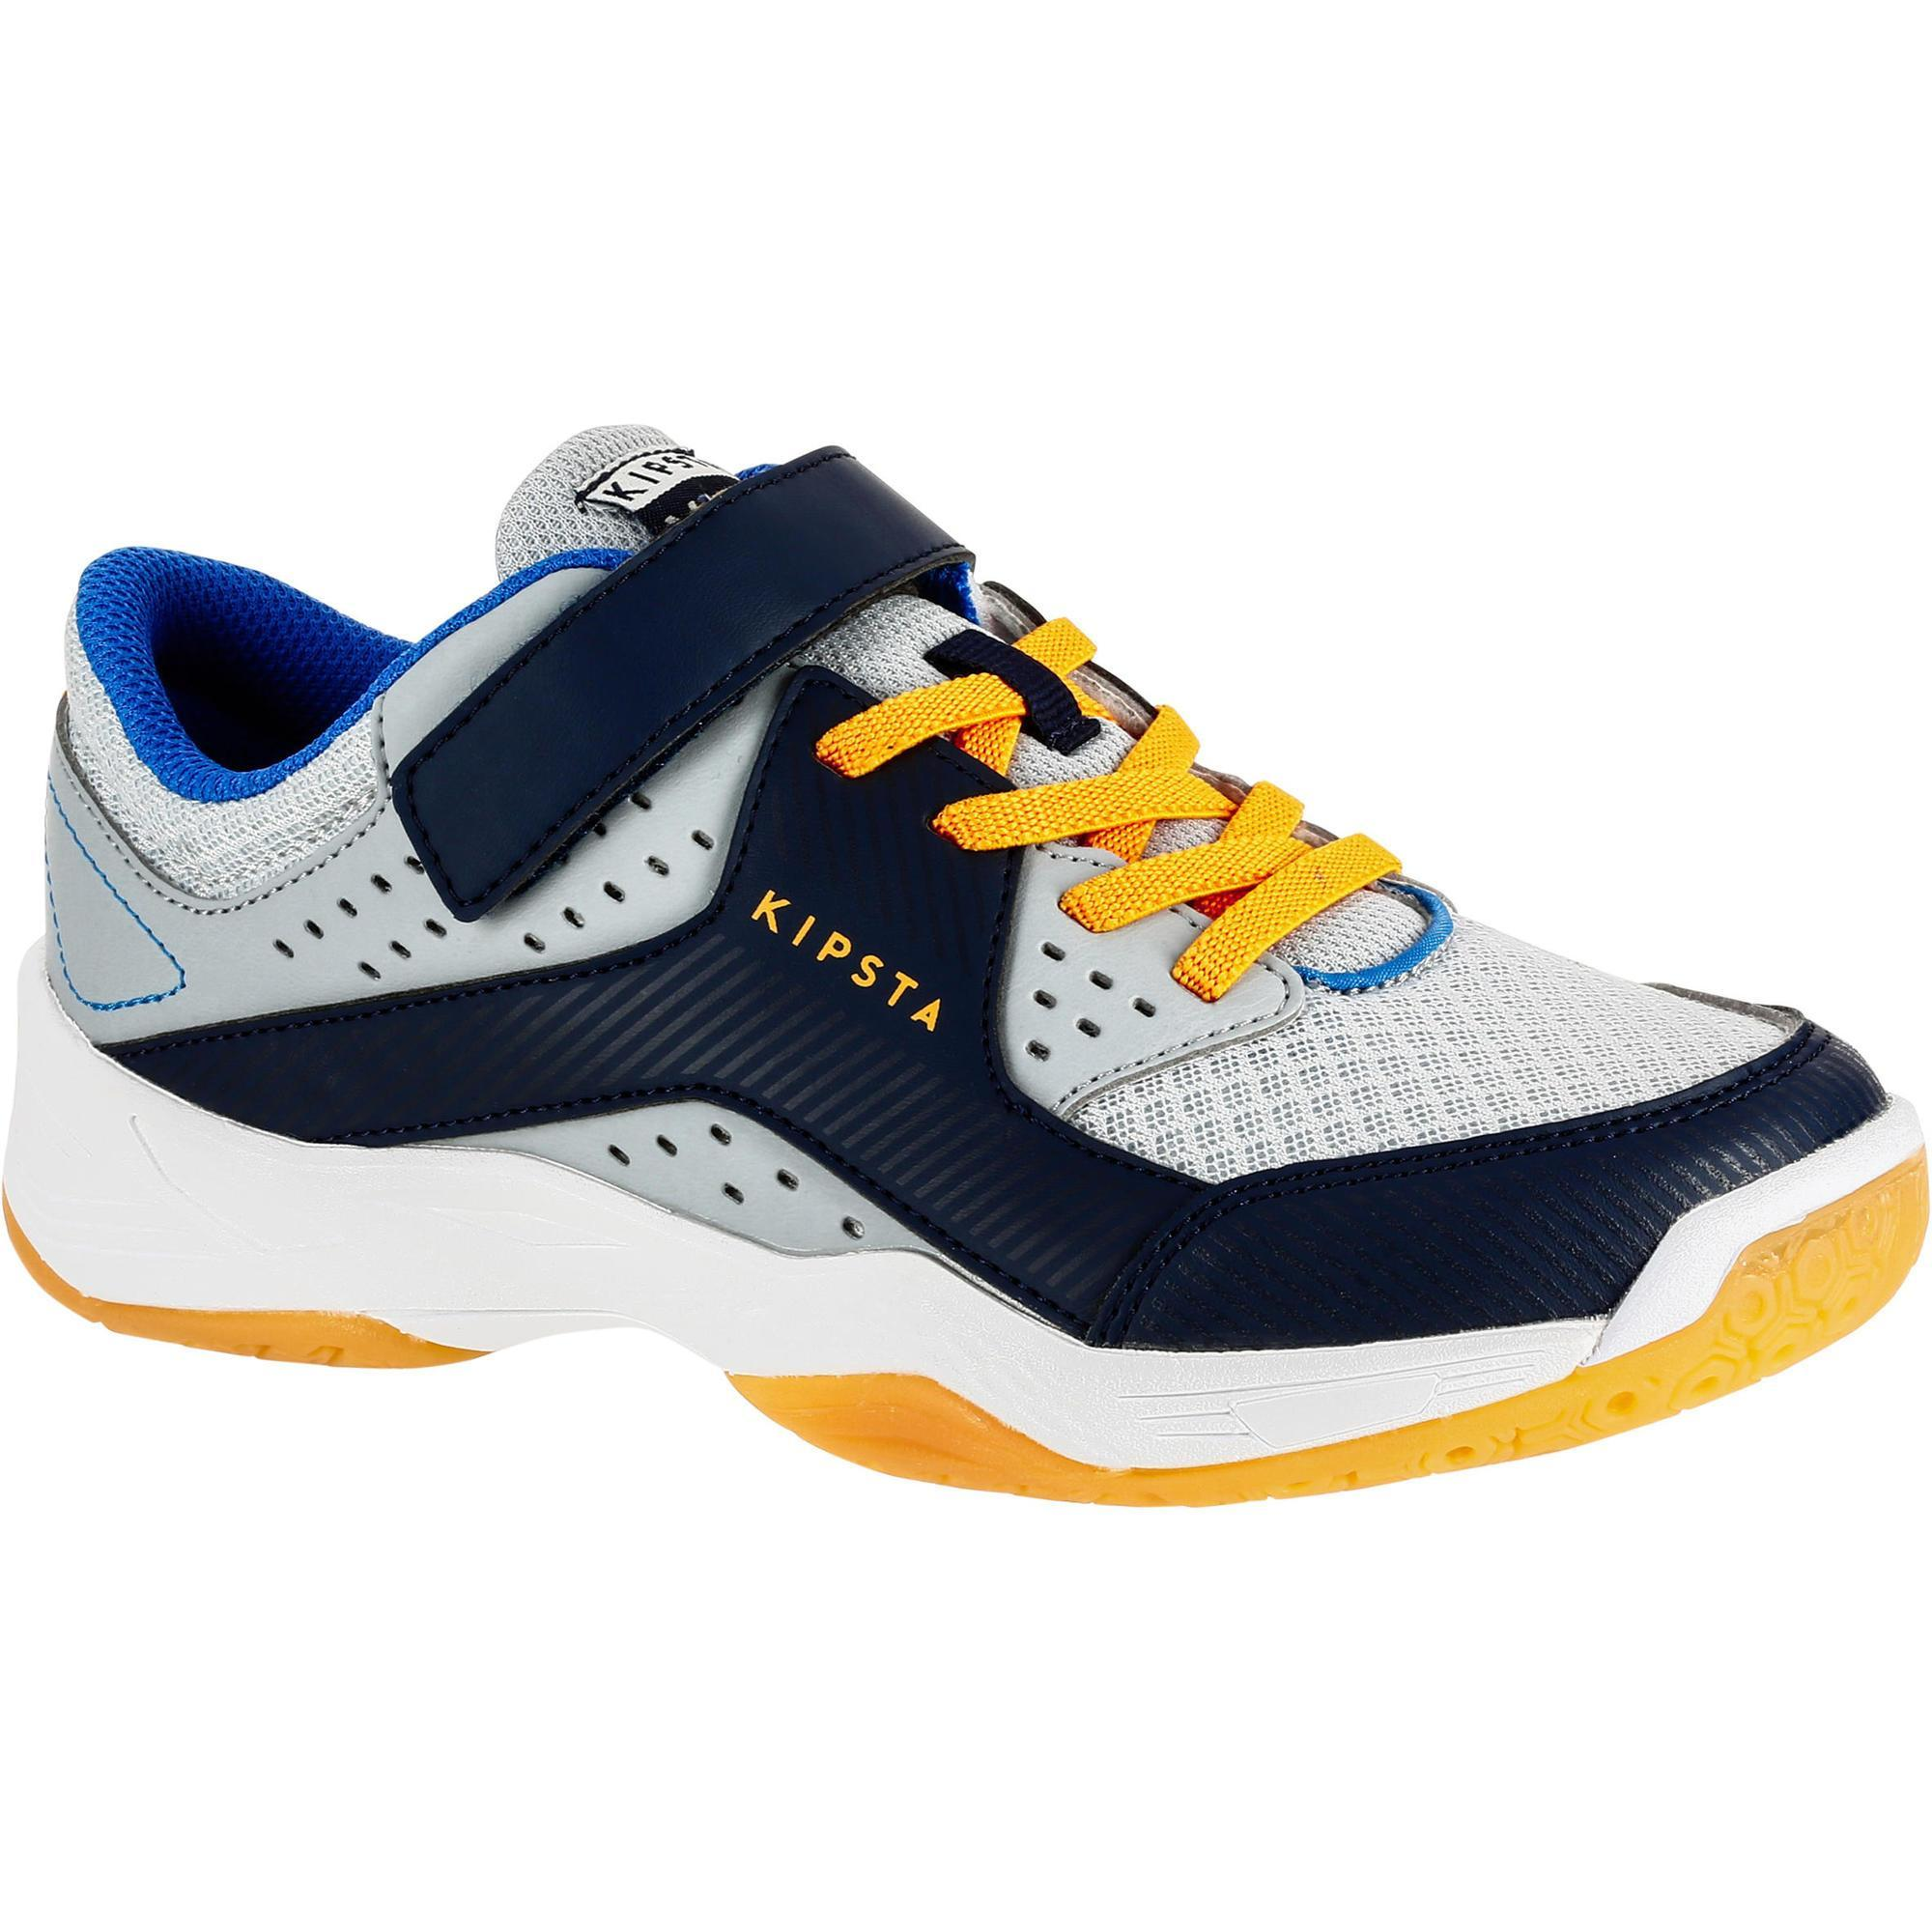 Allsix Volleybalschoenen voor jongens V100 met klittenband